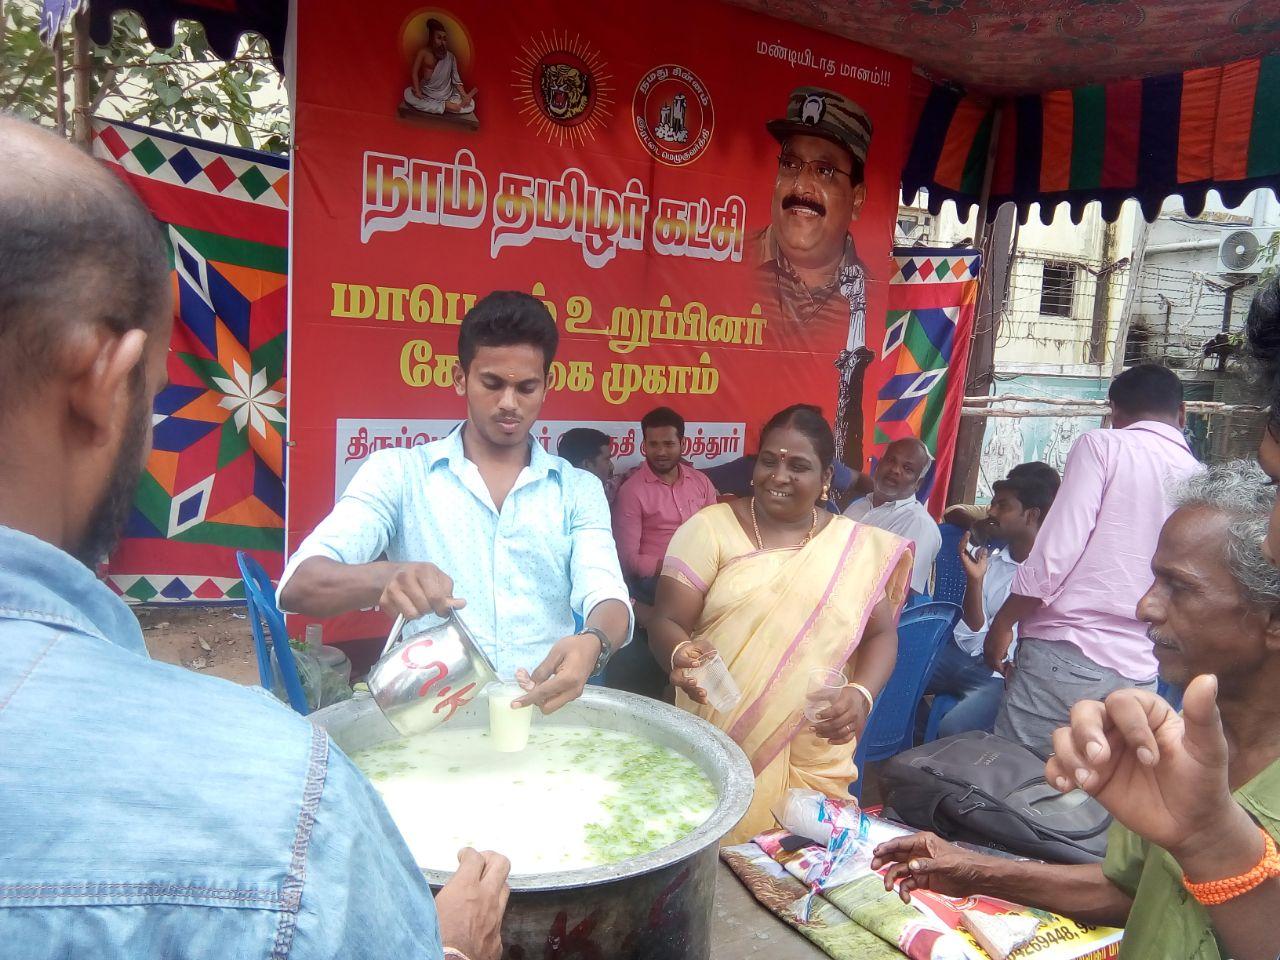 உறுப்பினர் சேர்க்கை முகாம் – குன்றத்தூர் (திருபெரும்பூதூர் தாெகுதி) naam tamilar katchi kanjipuram merku uruppinar serkkai 2